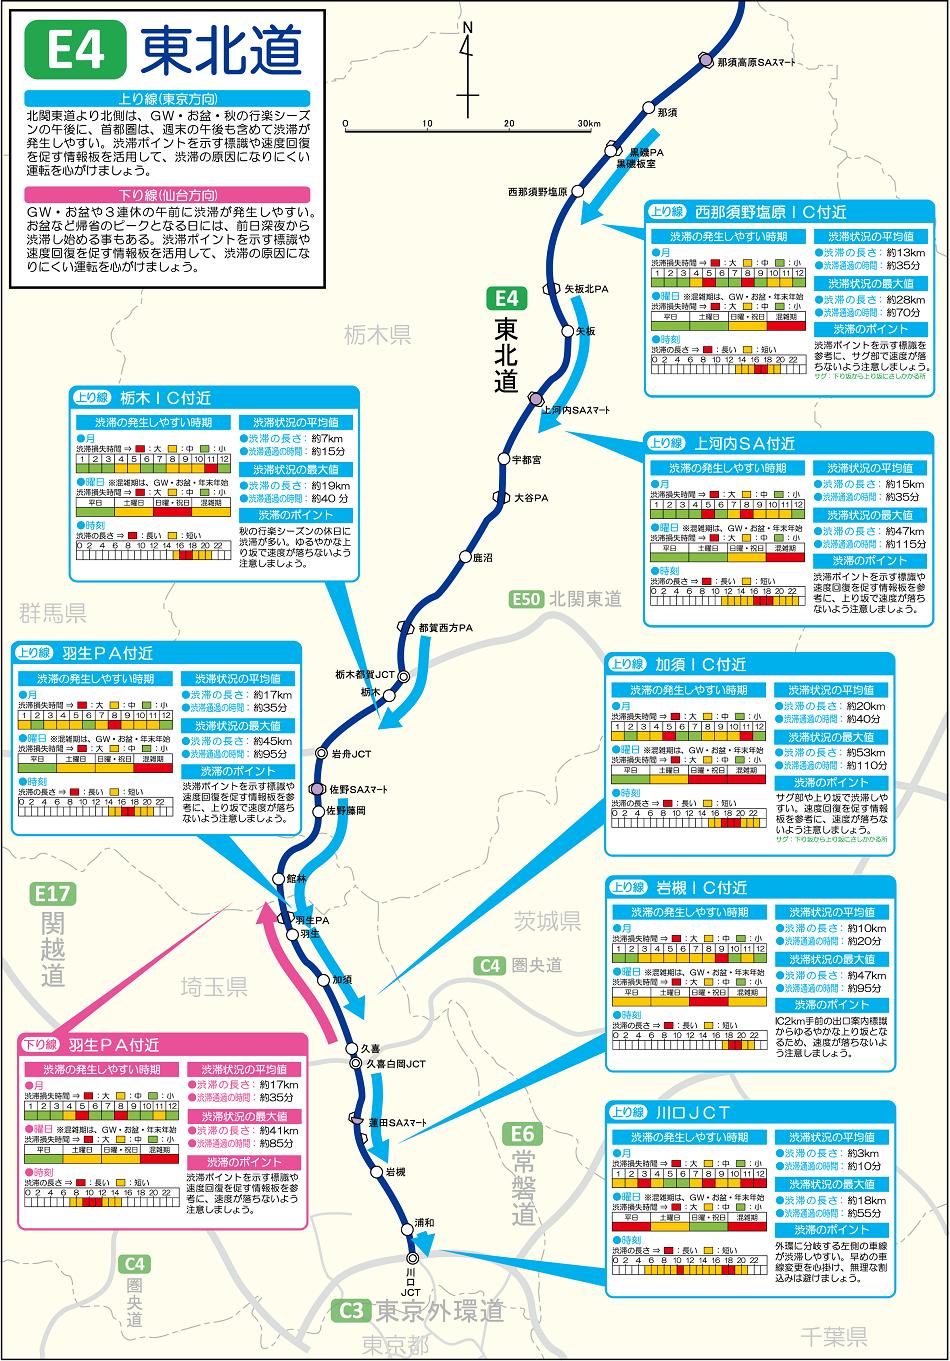 九州 自動車 道 渋滞 情報